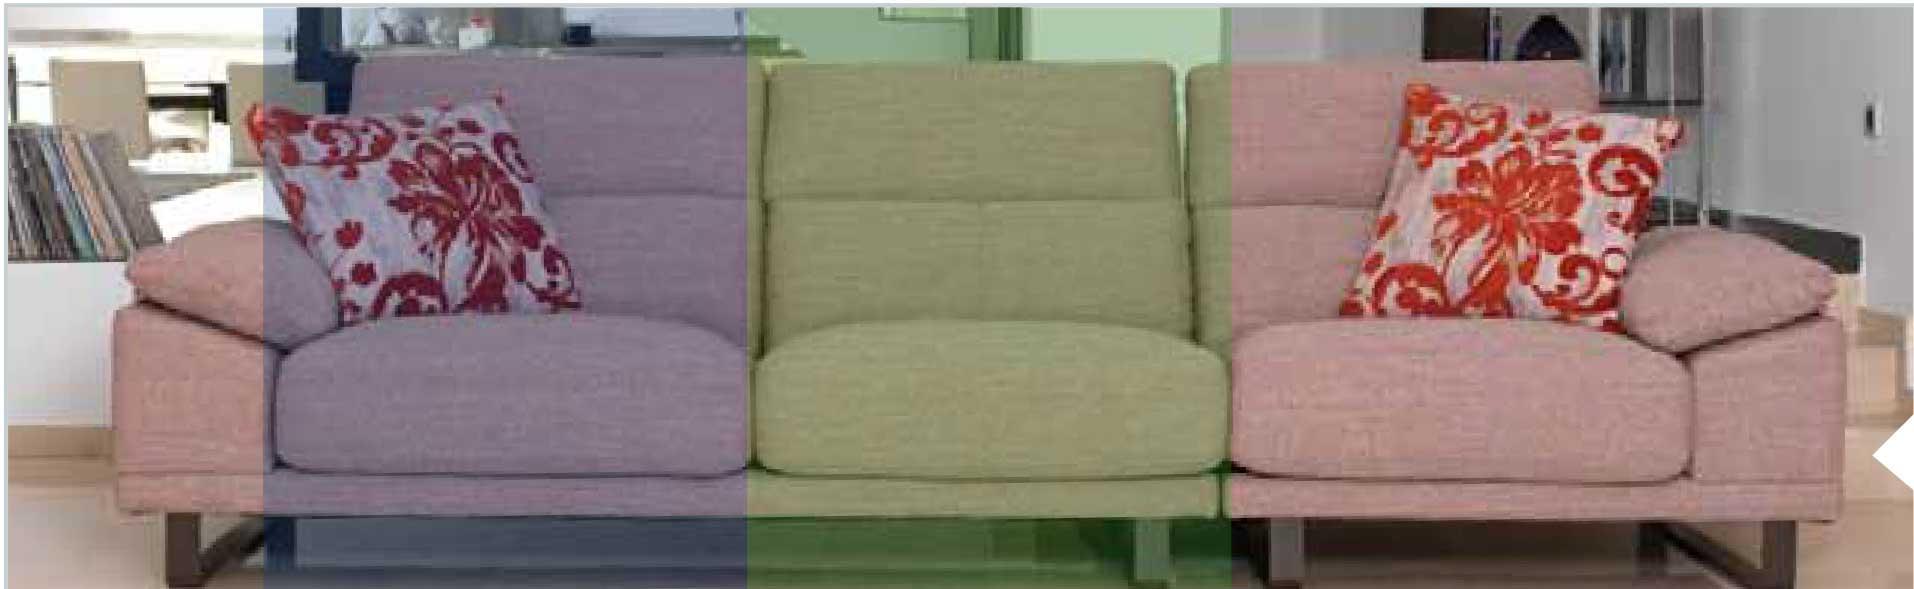 tapizados de sofá, cómo limpiar el tejido del sofá